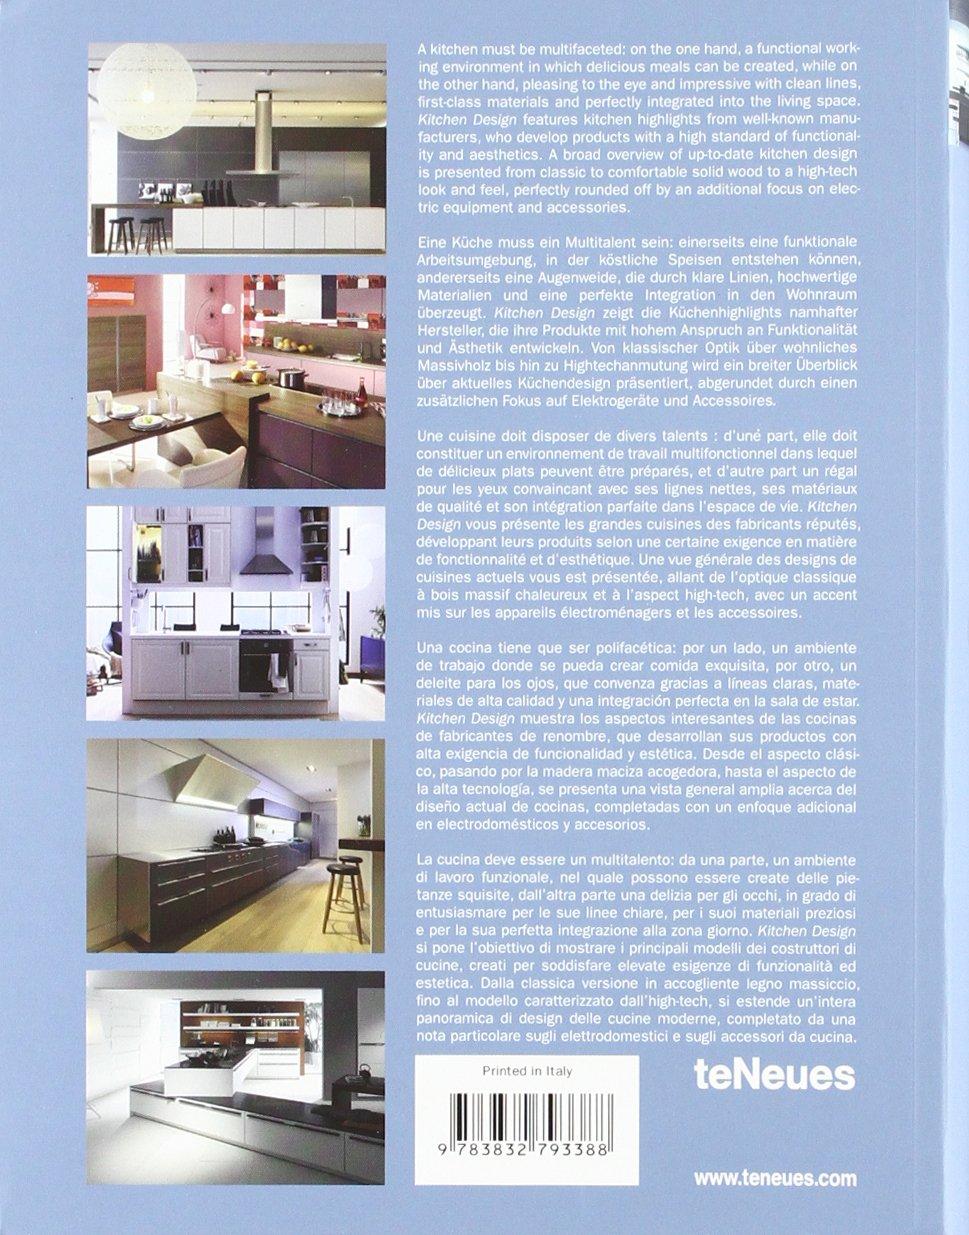 Kitchen Design: Amazon.co.uk: Teneues: 9783832793388: Books